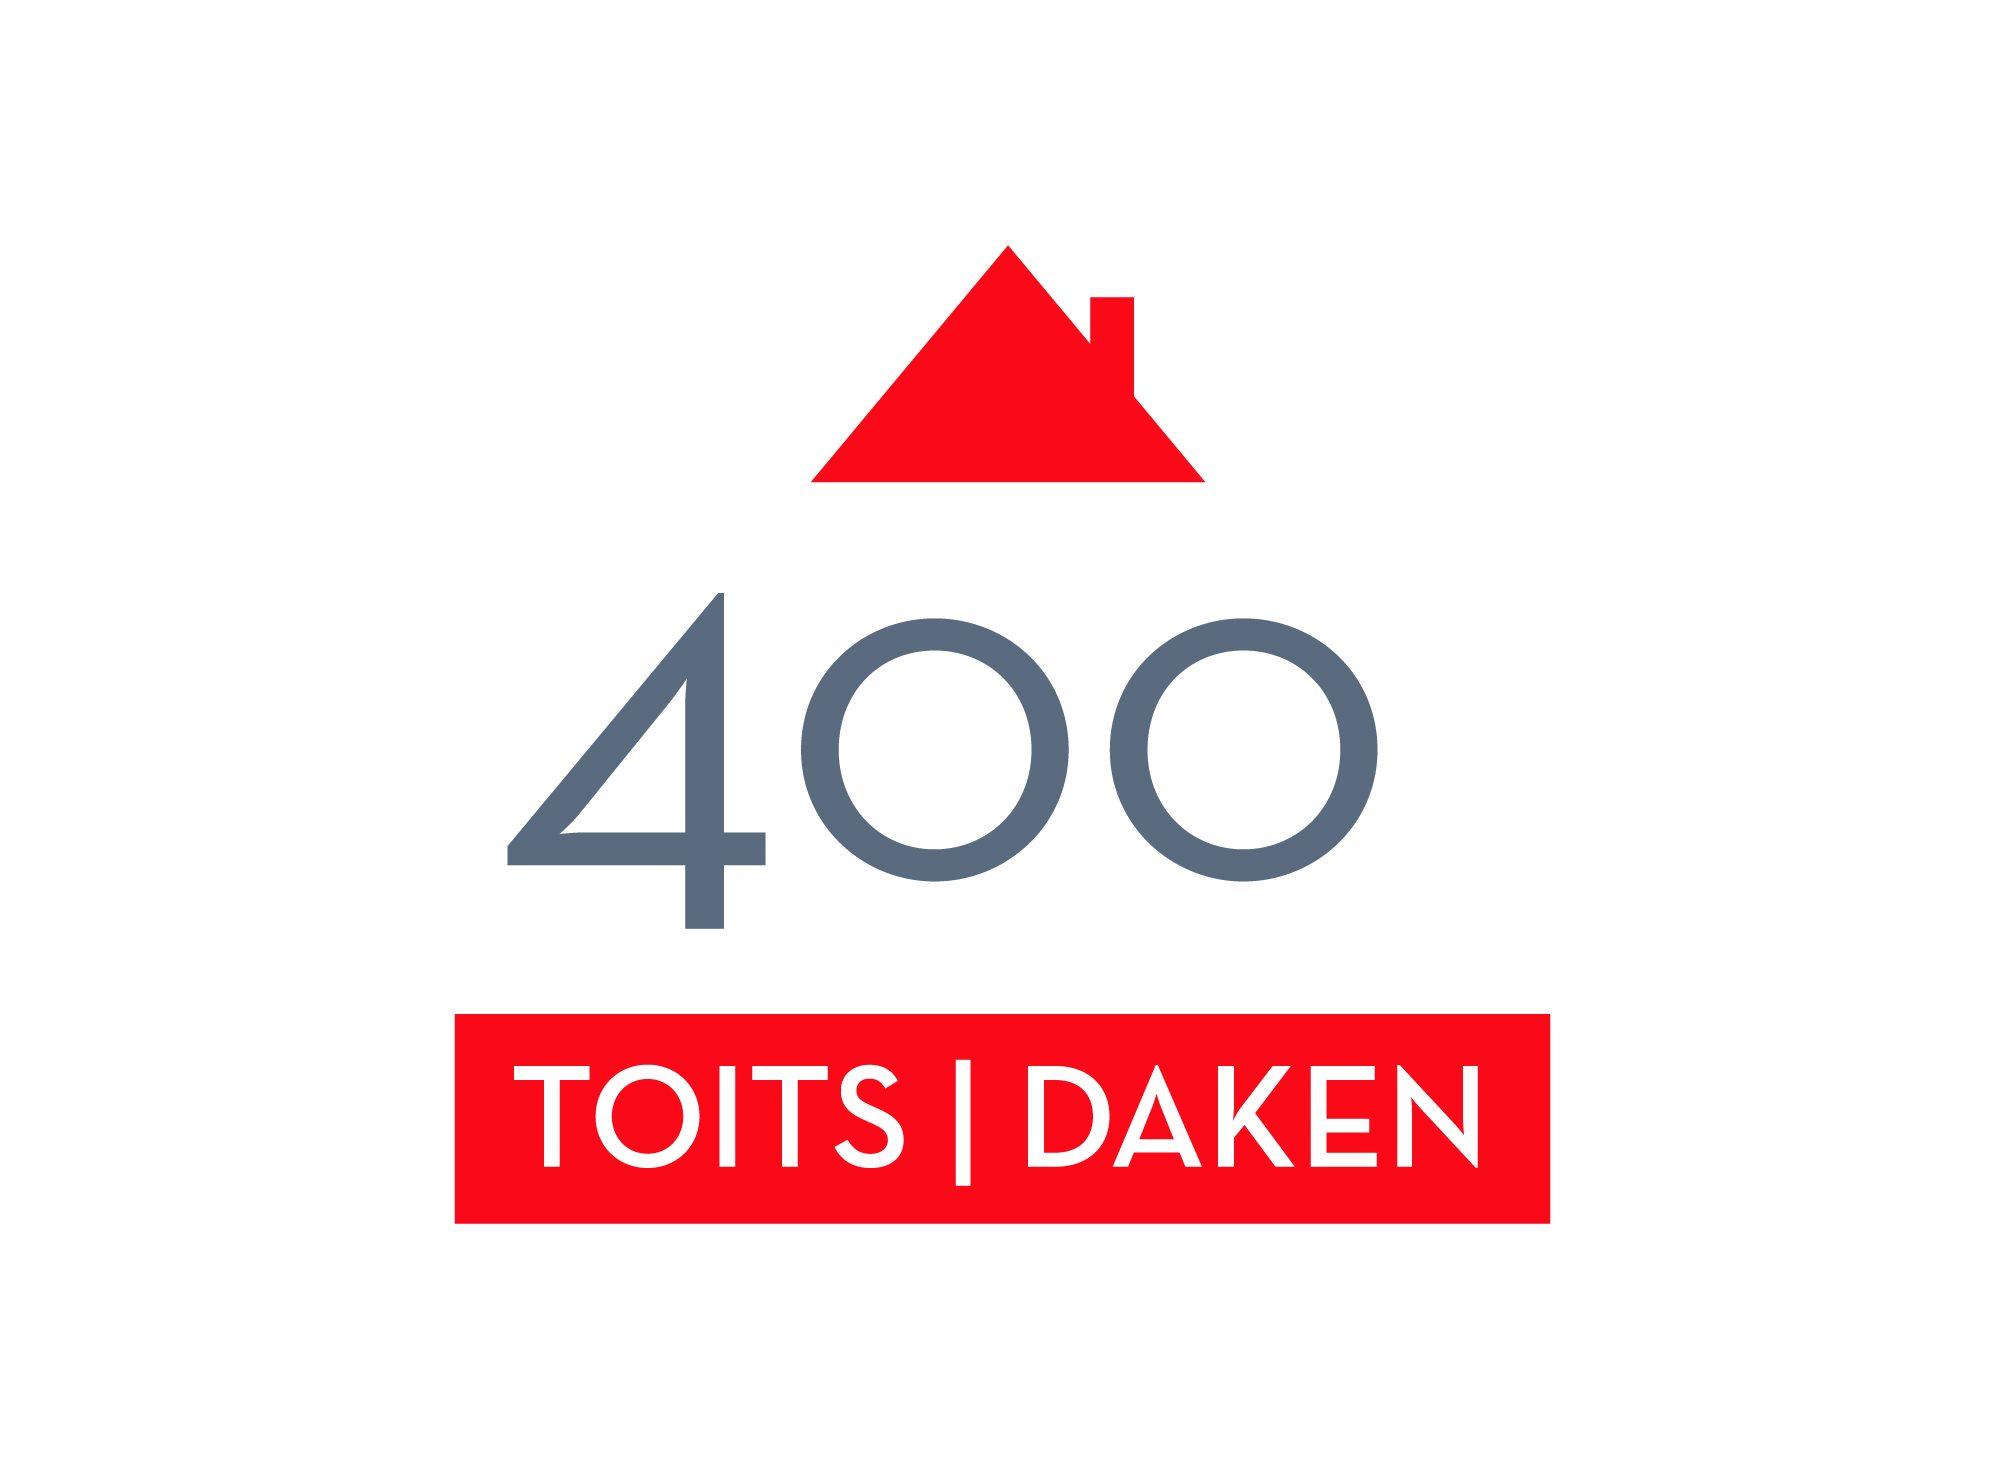 400 Toits – Daken